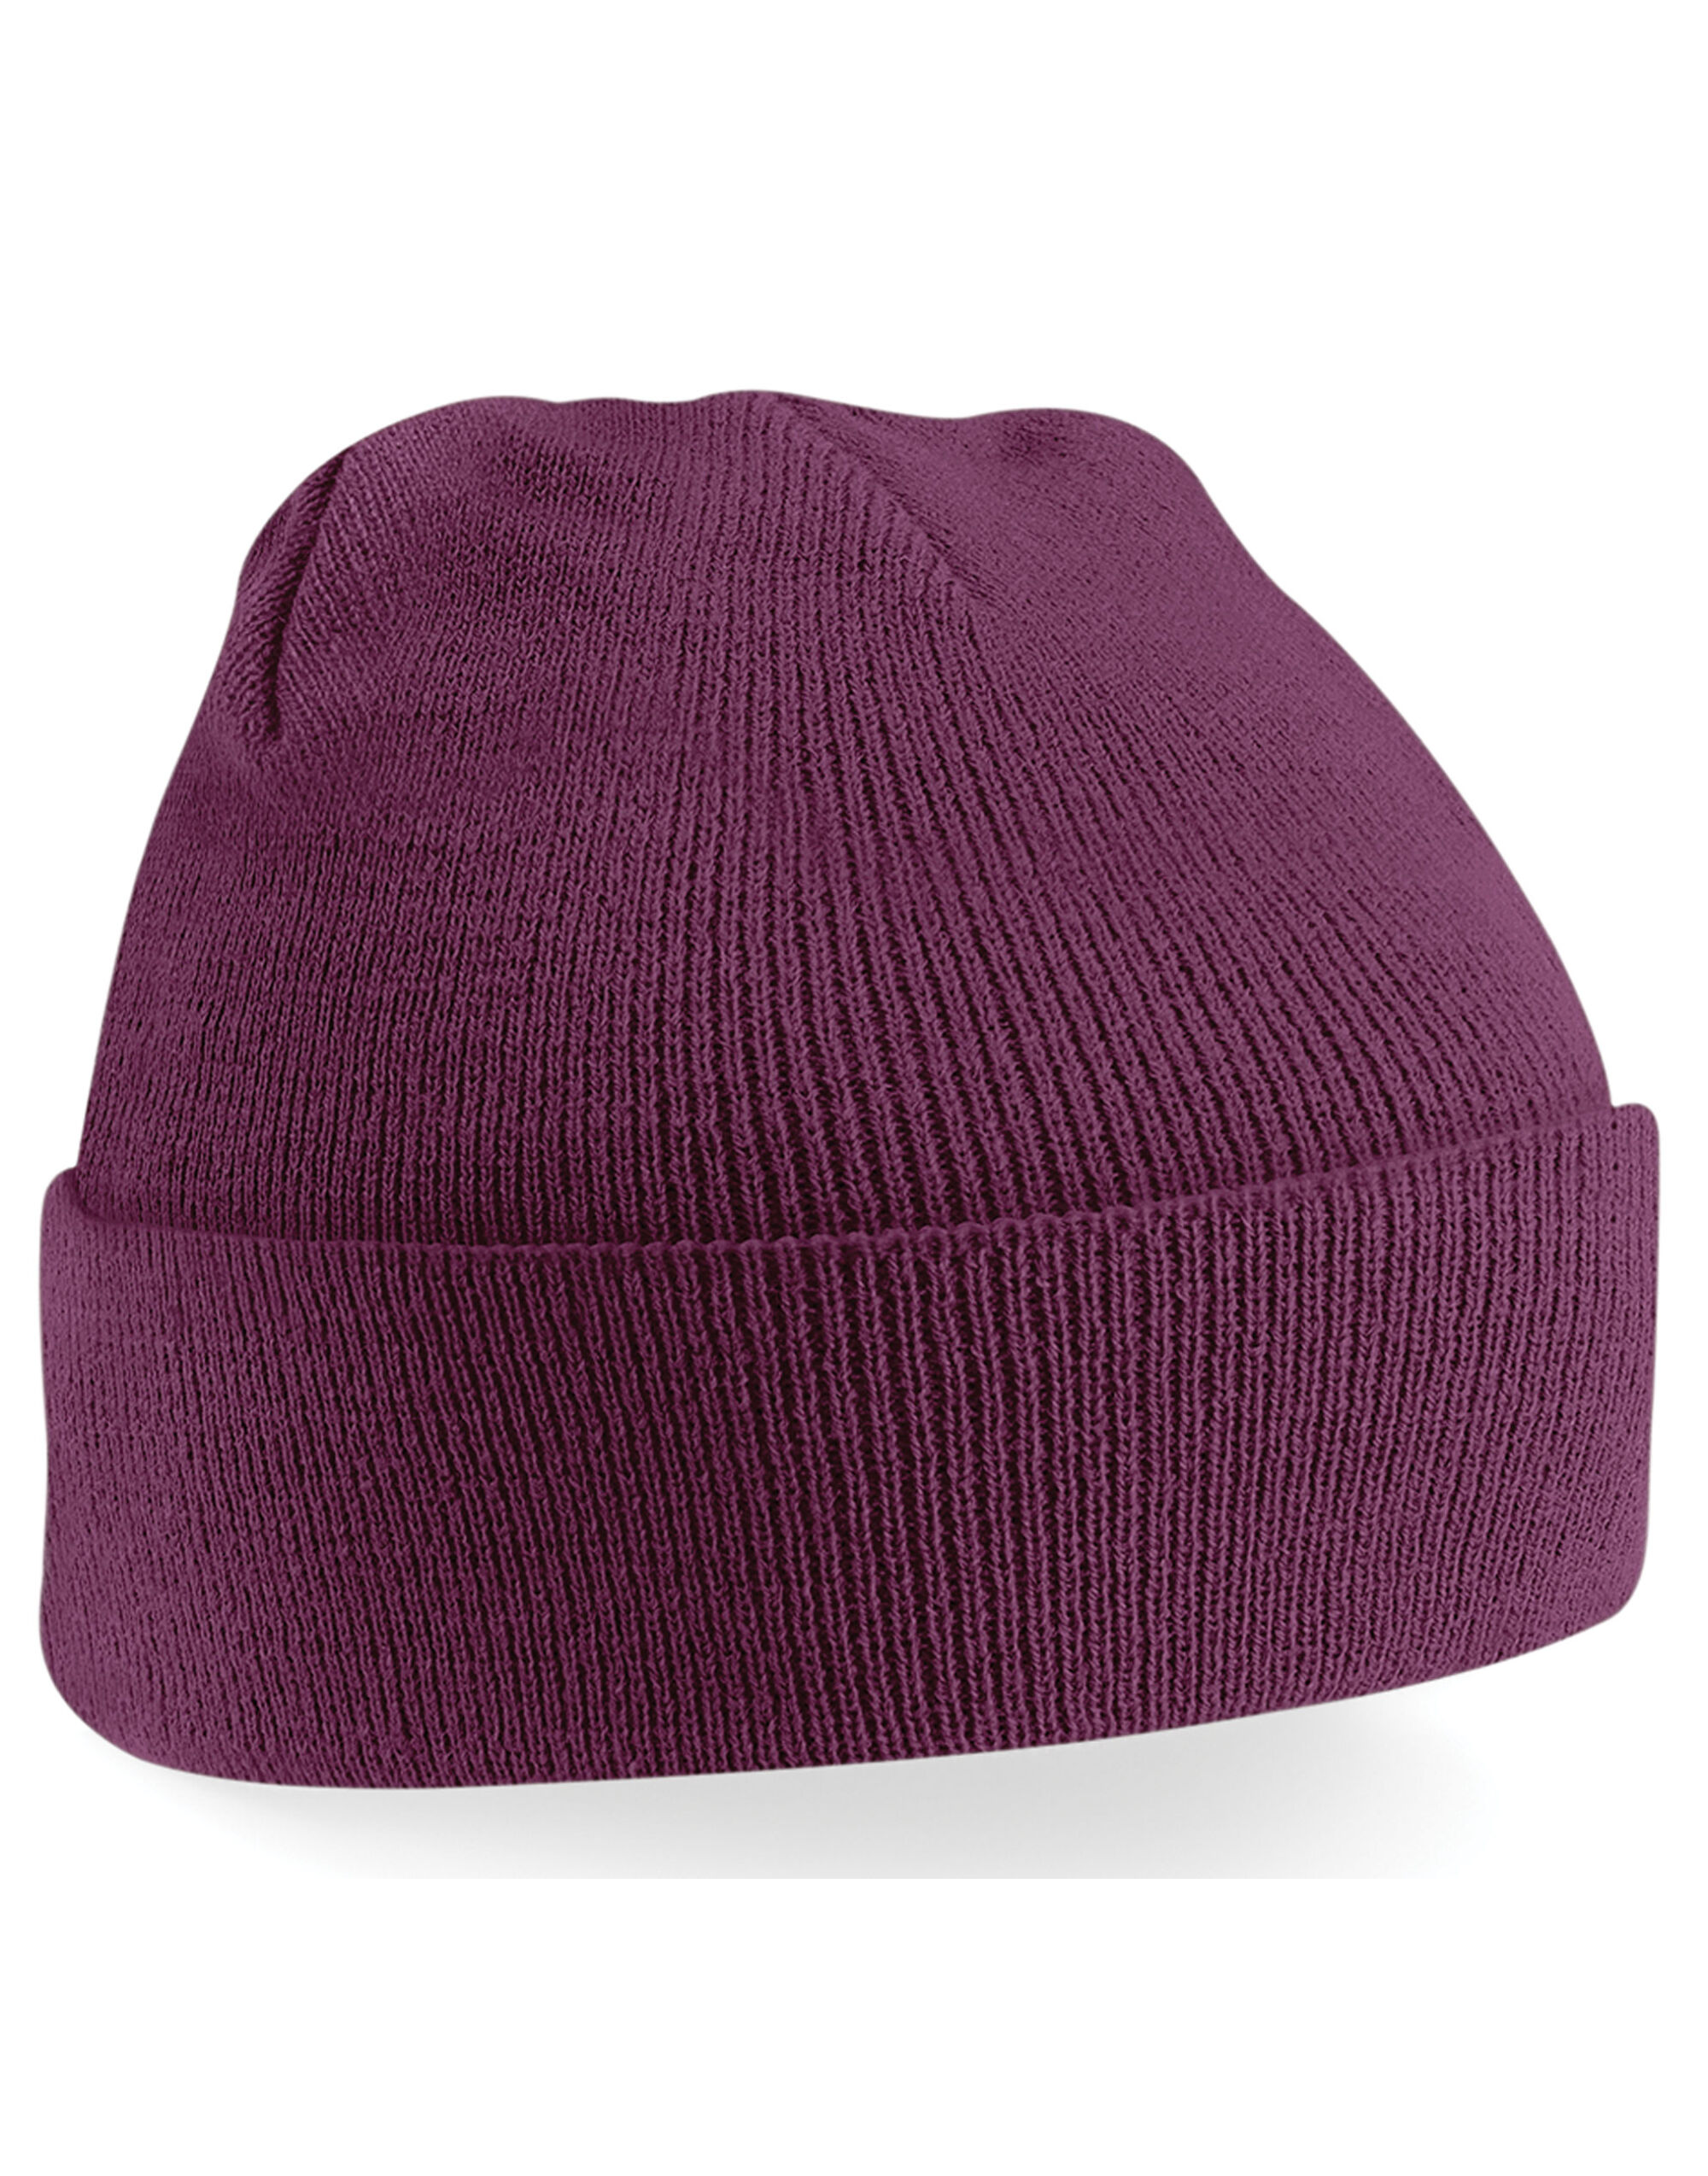 fd2c4d233f6e Beechfield Original Cuffed Beanie Beechfield Caps   Hats Etc B45   eBay